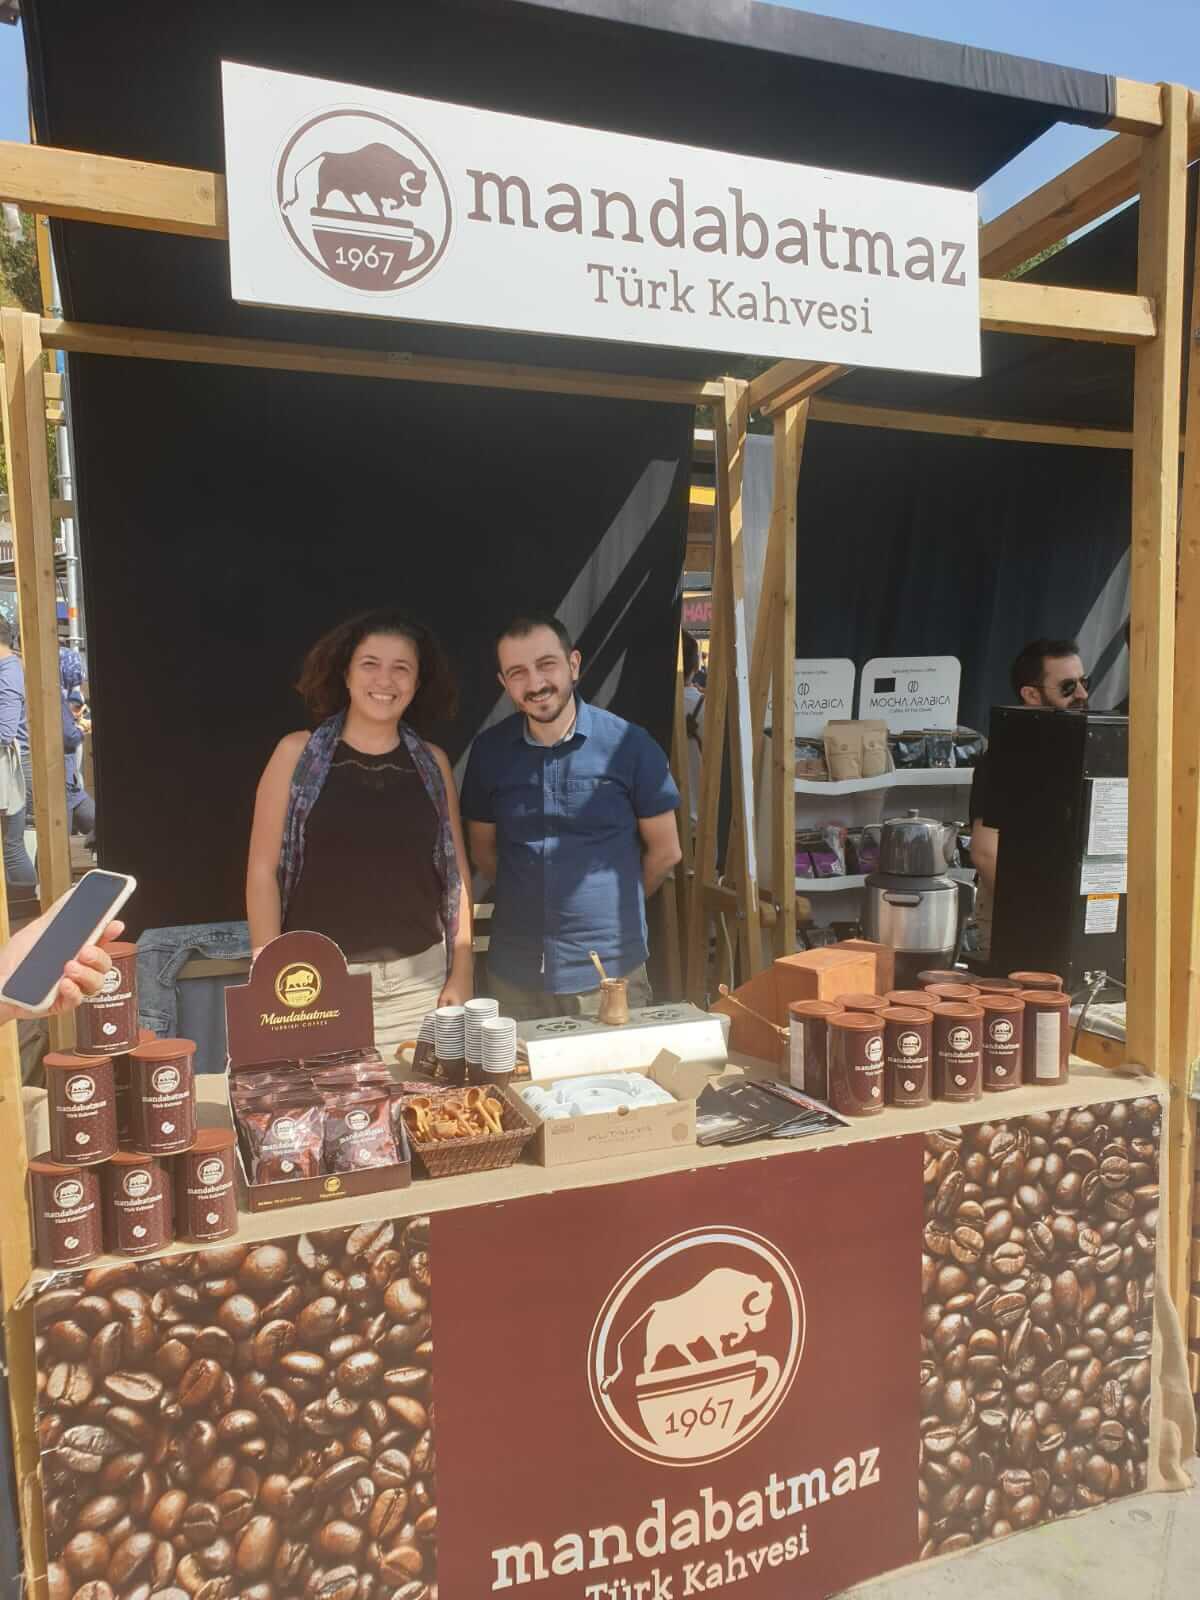 Mandabatmaz, Köpüğüyle Ünlü Türk Kahvesiyle Festivalde